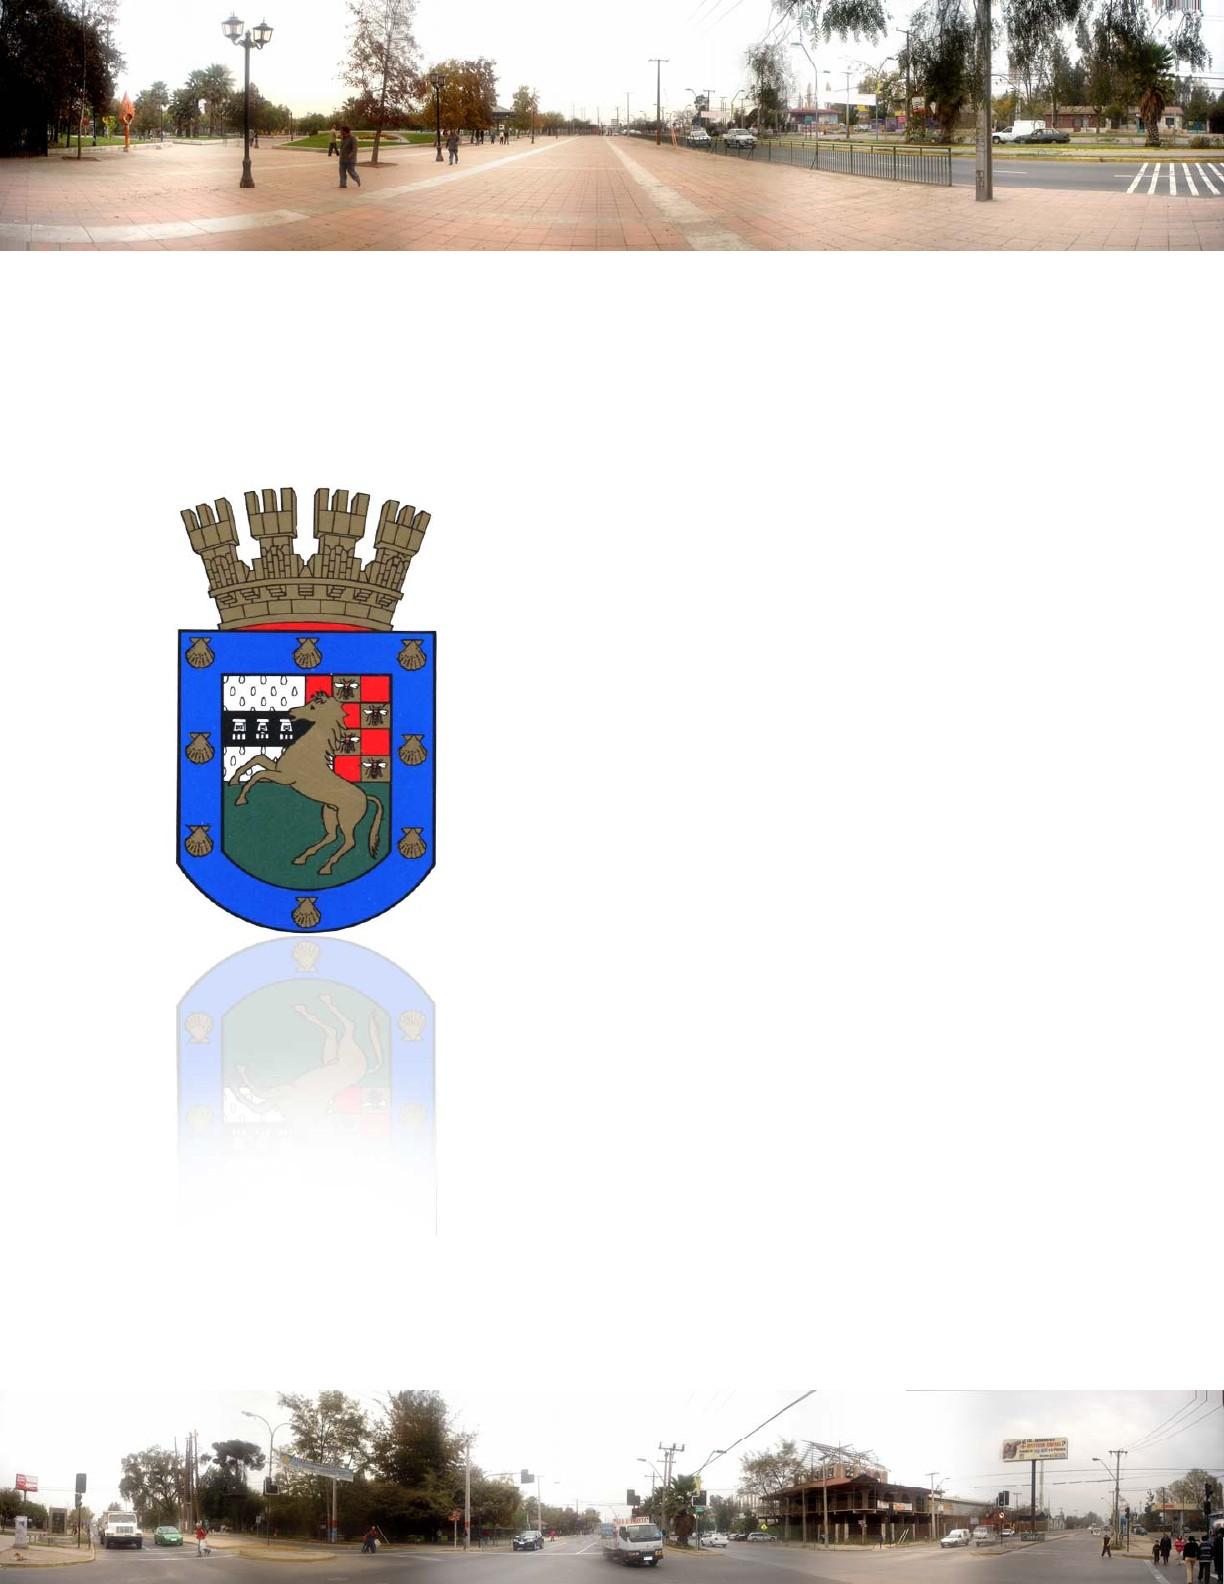 Calendario Laboral 2019 Extremadura Más Arriba-a-fecha Guia De Informacion Unal [pdf Document] Of Calendario Laboral 2019 Extremadura Más Arriba-a-fecha Pro 12 Calendario